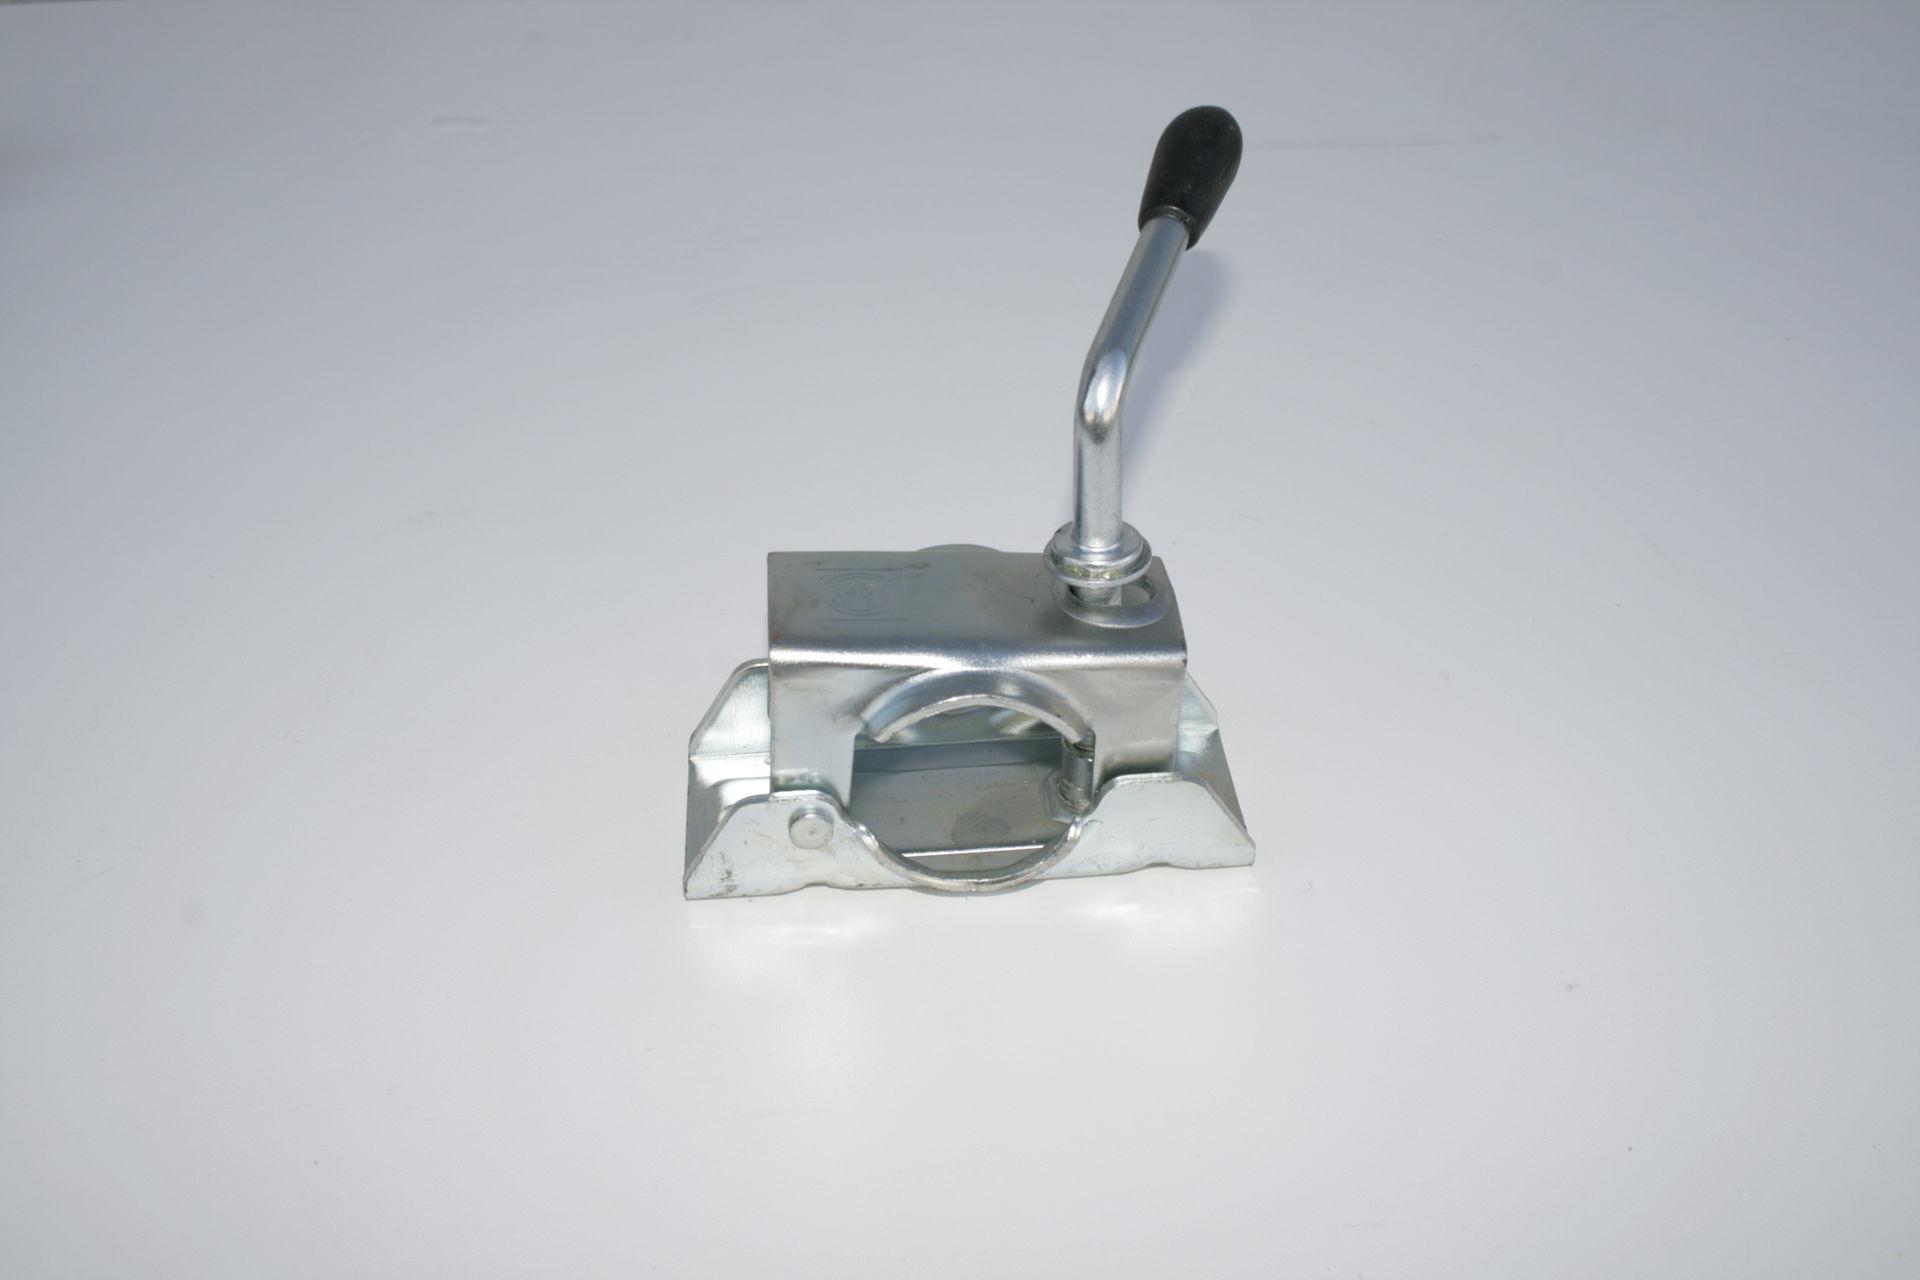 Držák podpěrné nohy průměr 48 mm